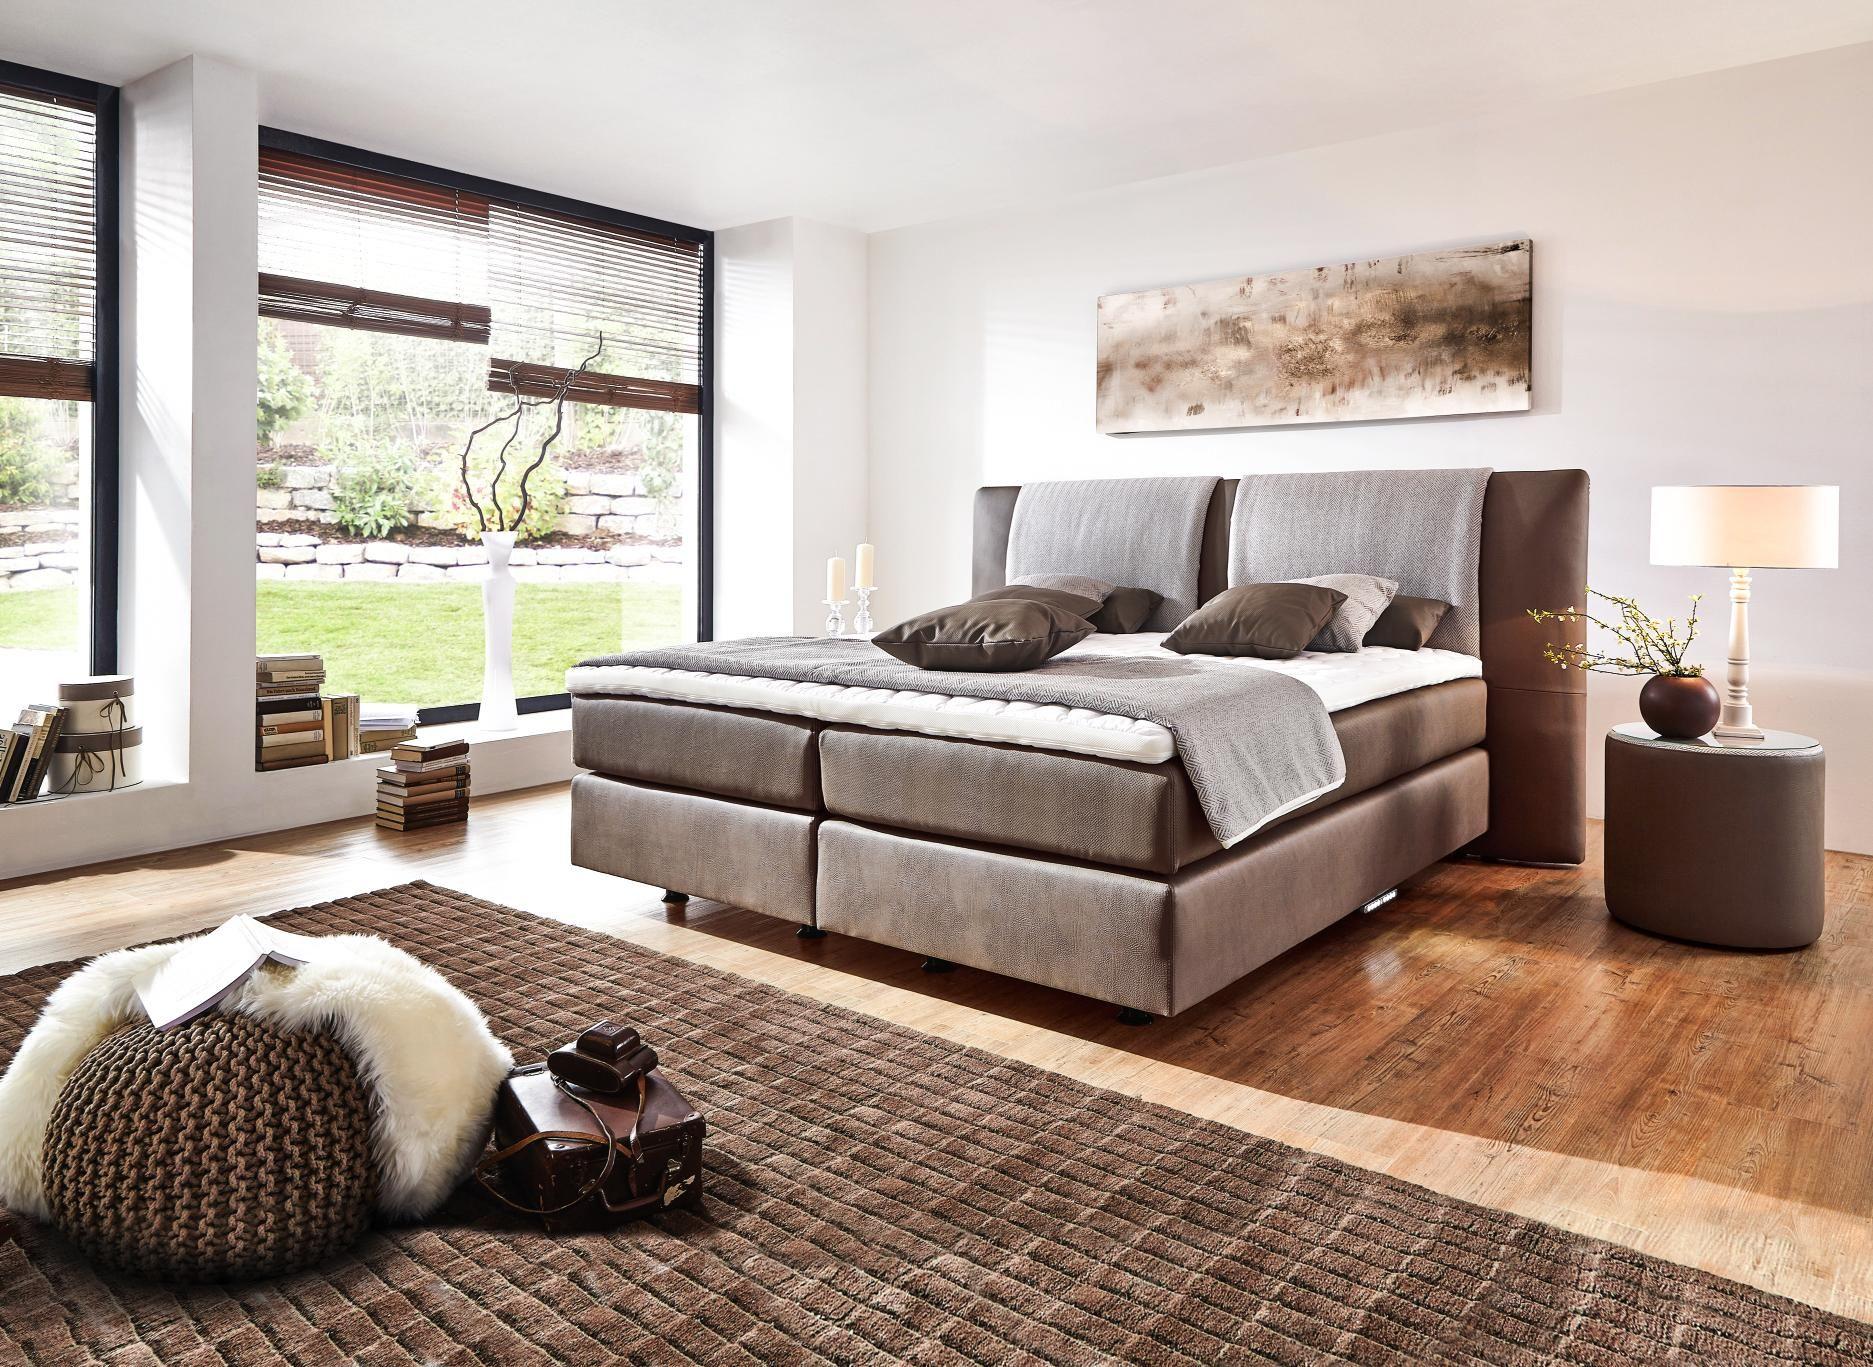 Schlafzimmermöbel Online ~ Bestelle deine schlafzimmermöbel nach maß jetzt online bei